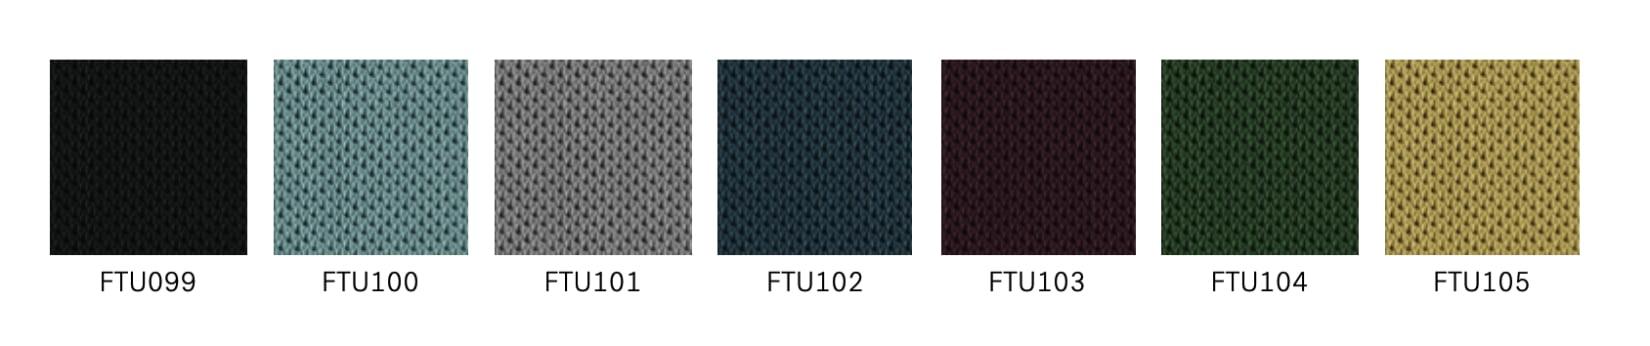 FutuKnit is een unieke stoffencollecte die speciaal ontwikkeld is voor de HÅG Futu.